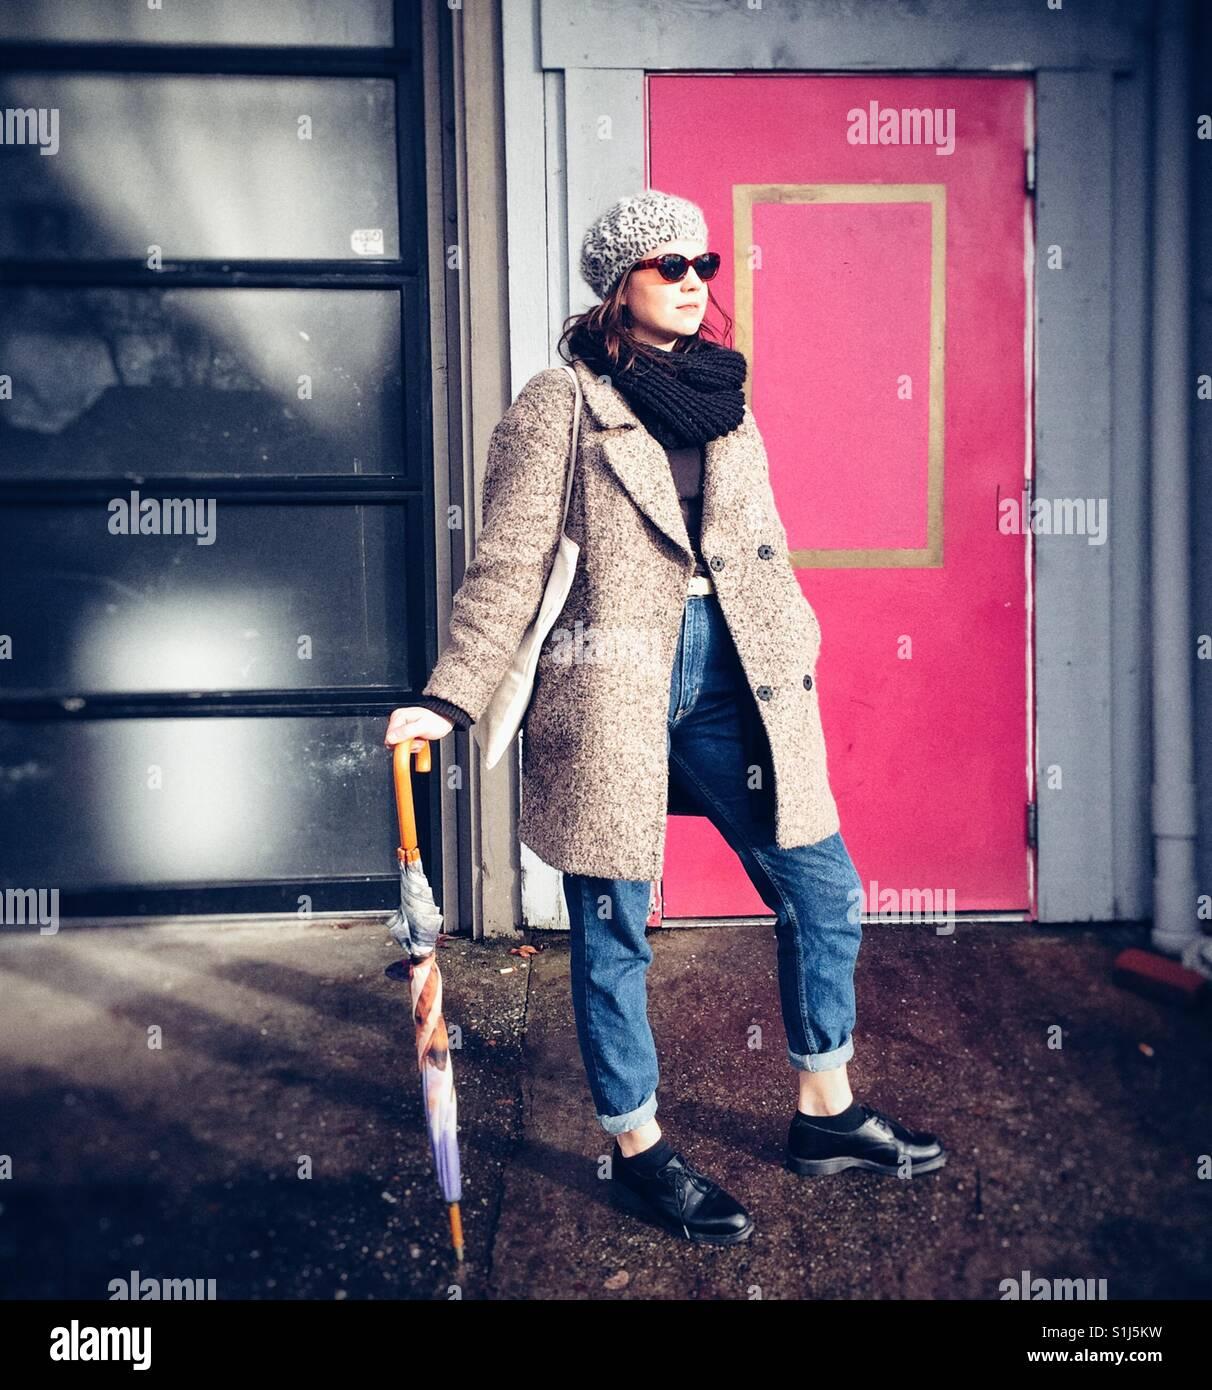 Junge modebewusste Frau trägt Barett und wolle Mantel vor rosa Tür in Seattle Stockbild